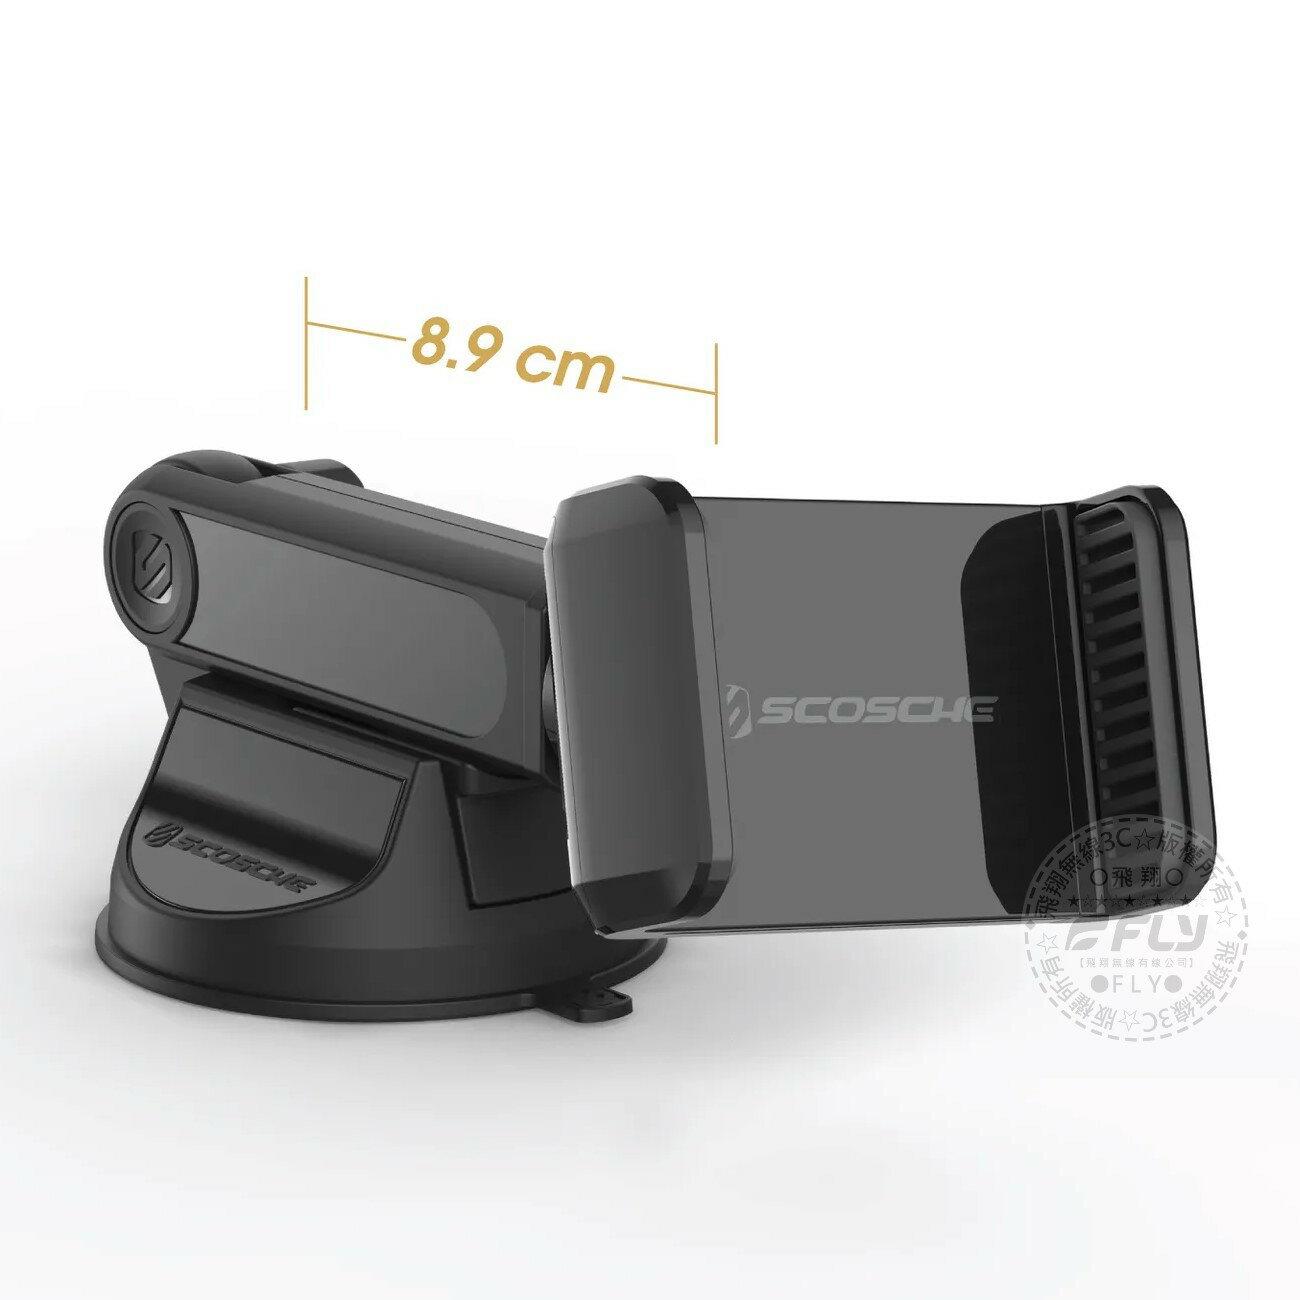 《飛翔無線3C》SCOSCHE UH4WDEX2-SP 延伸型儀表板擋風玻璃手機架│公司貨│車用手機座 車內吸盤架